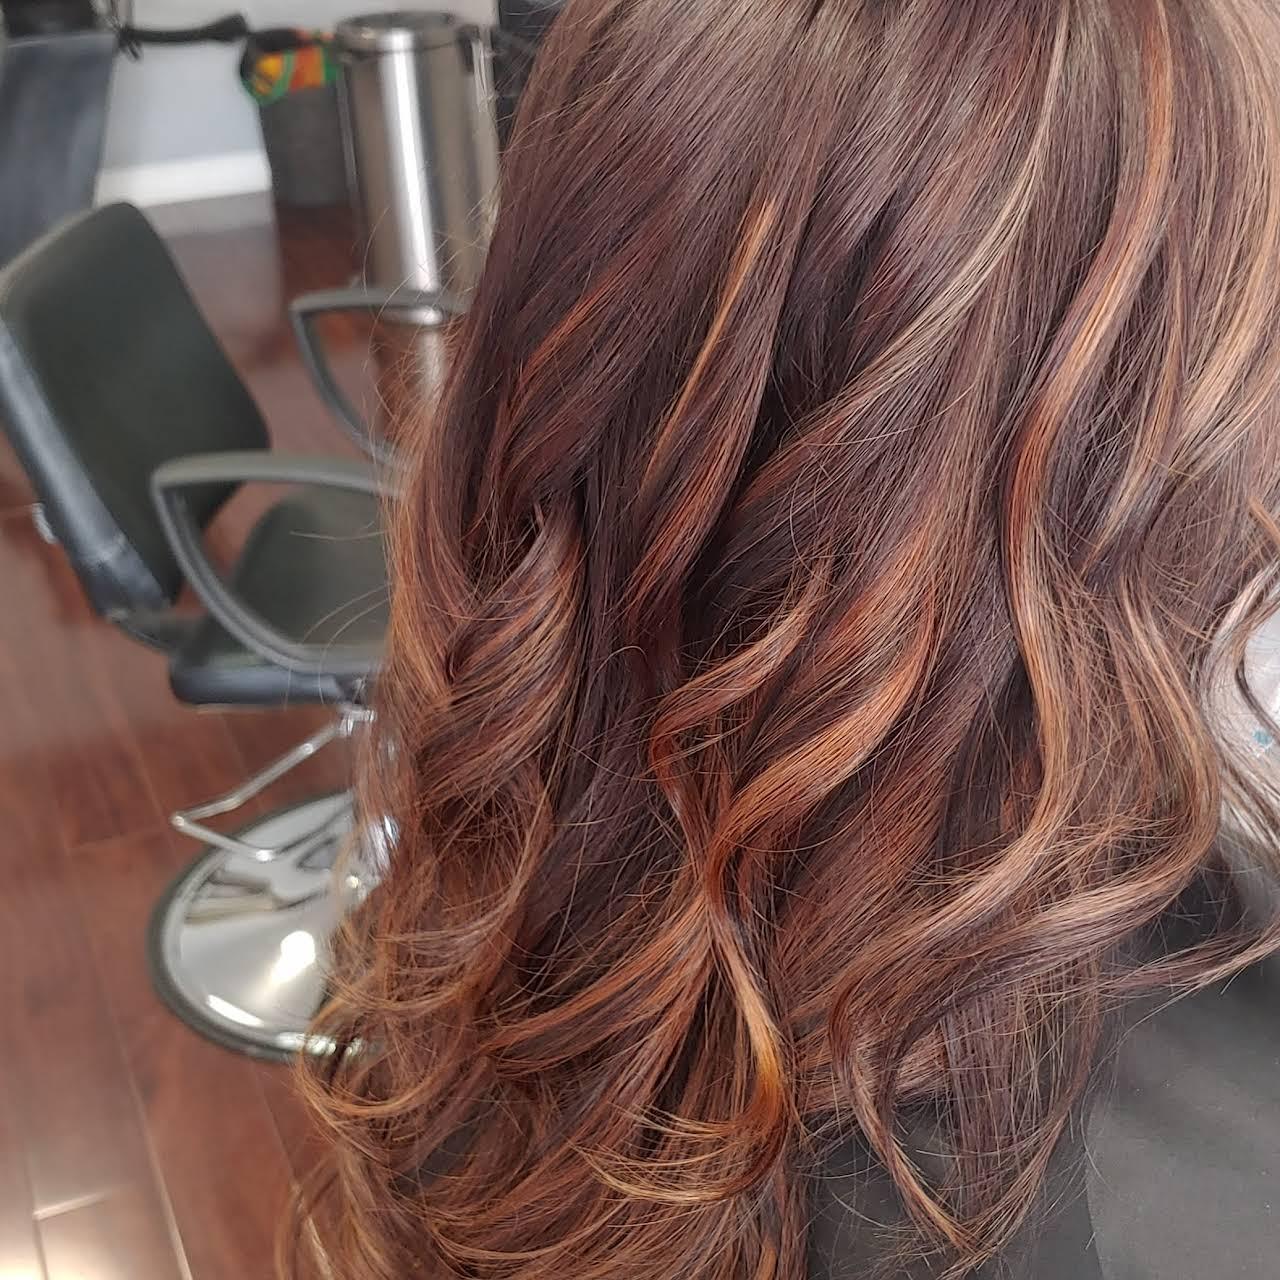 Believe Hair Salon Hairdresser In Welland